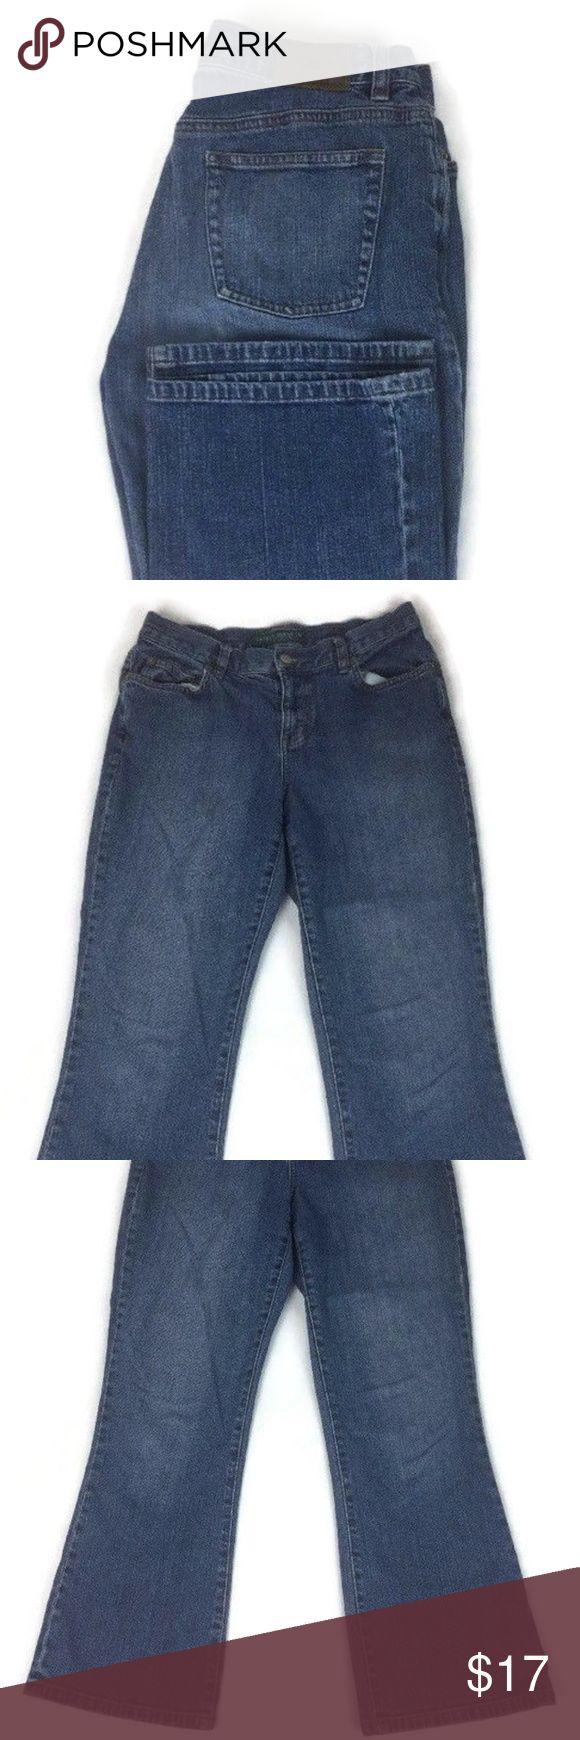 Ralph lauren jeans size petite — photo 7